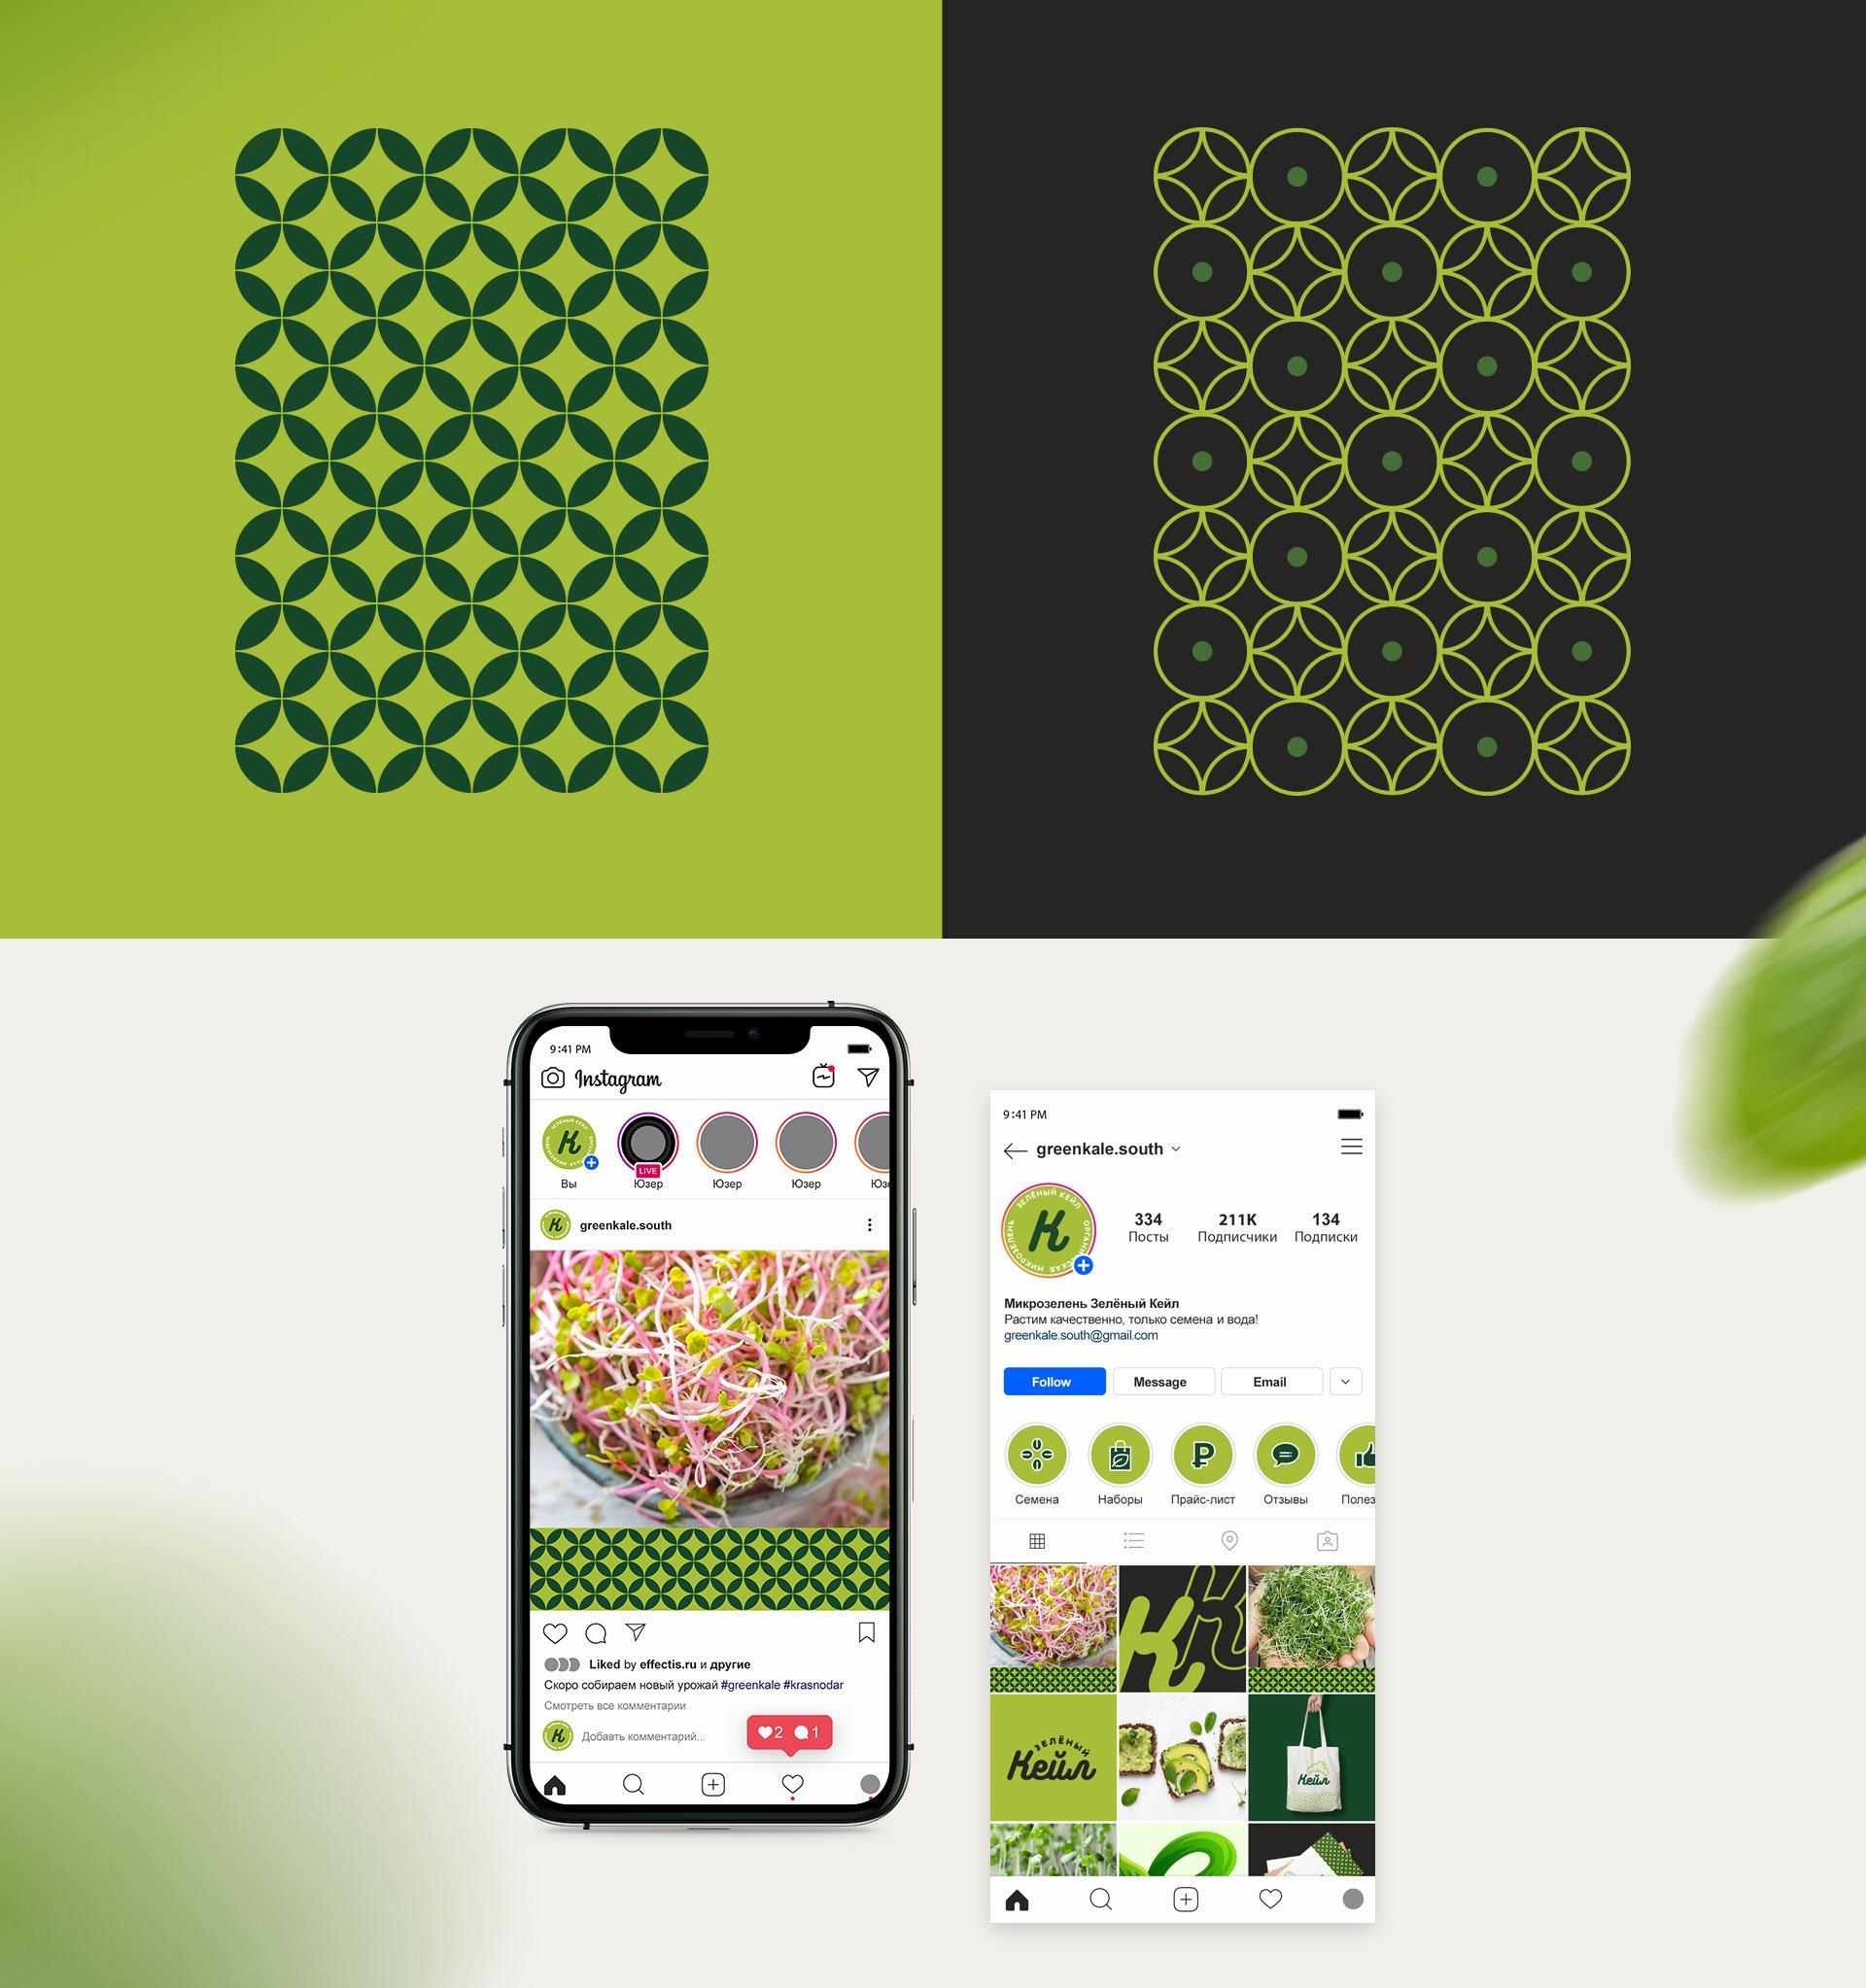 Green-kale-5